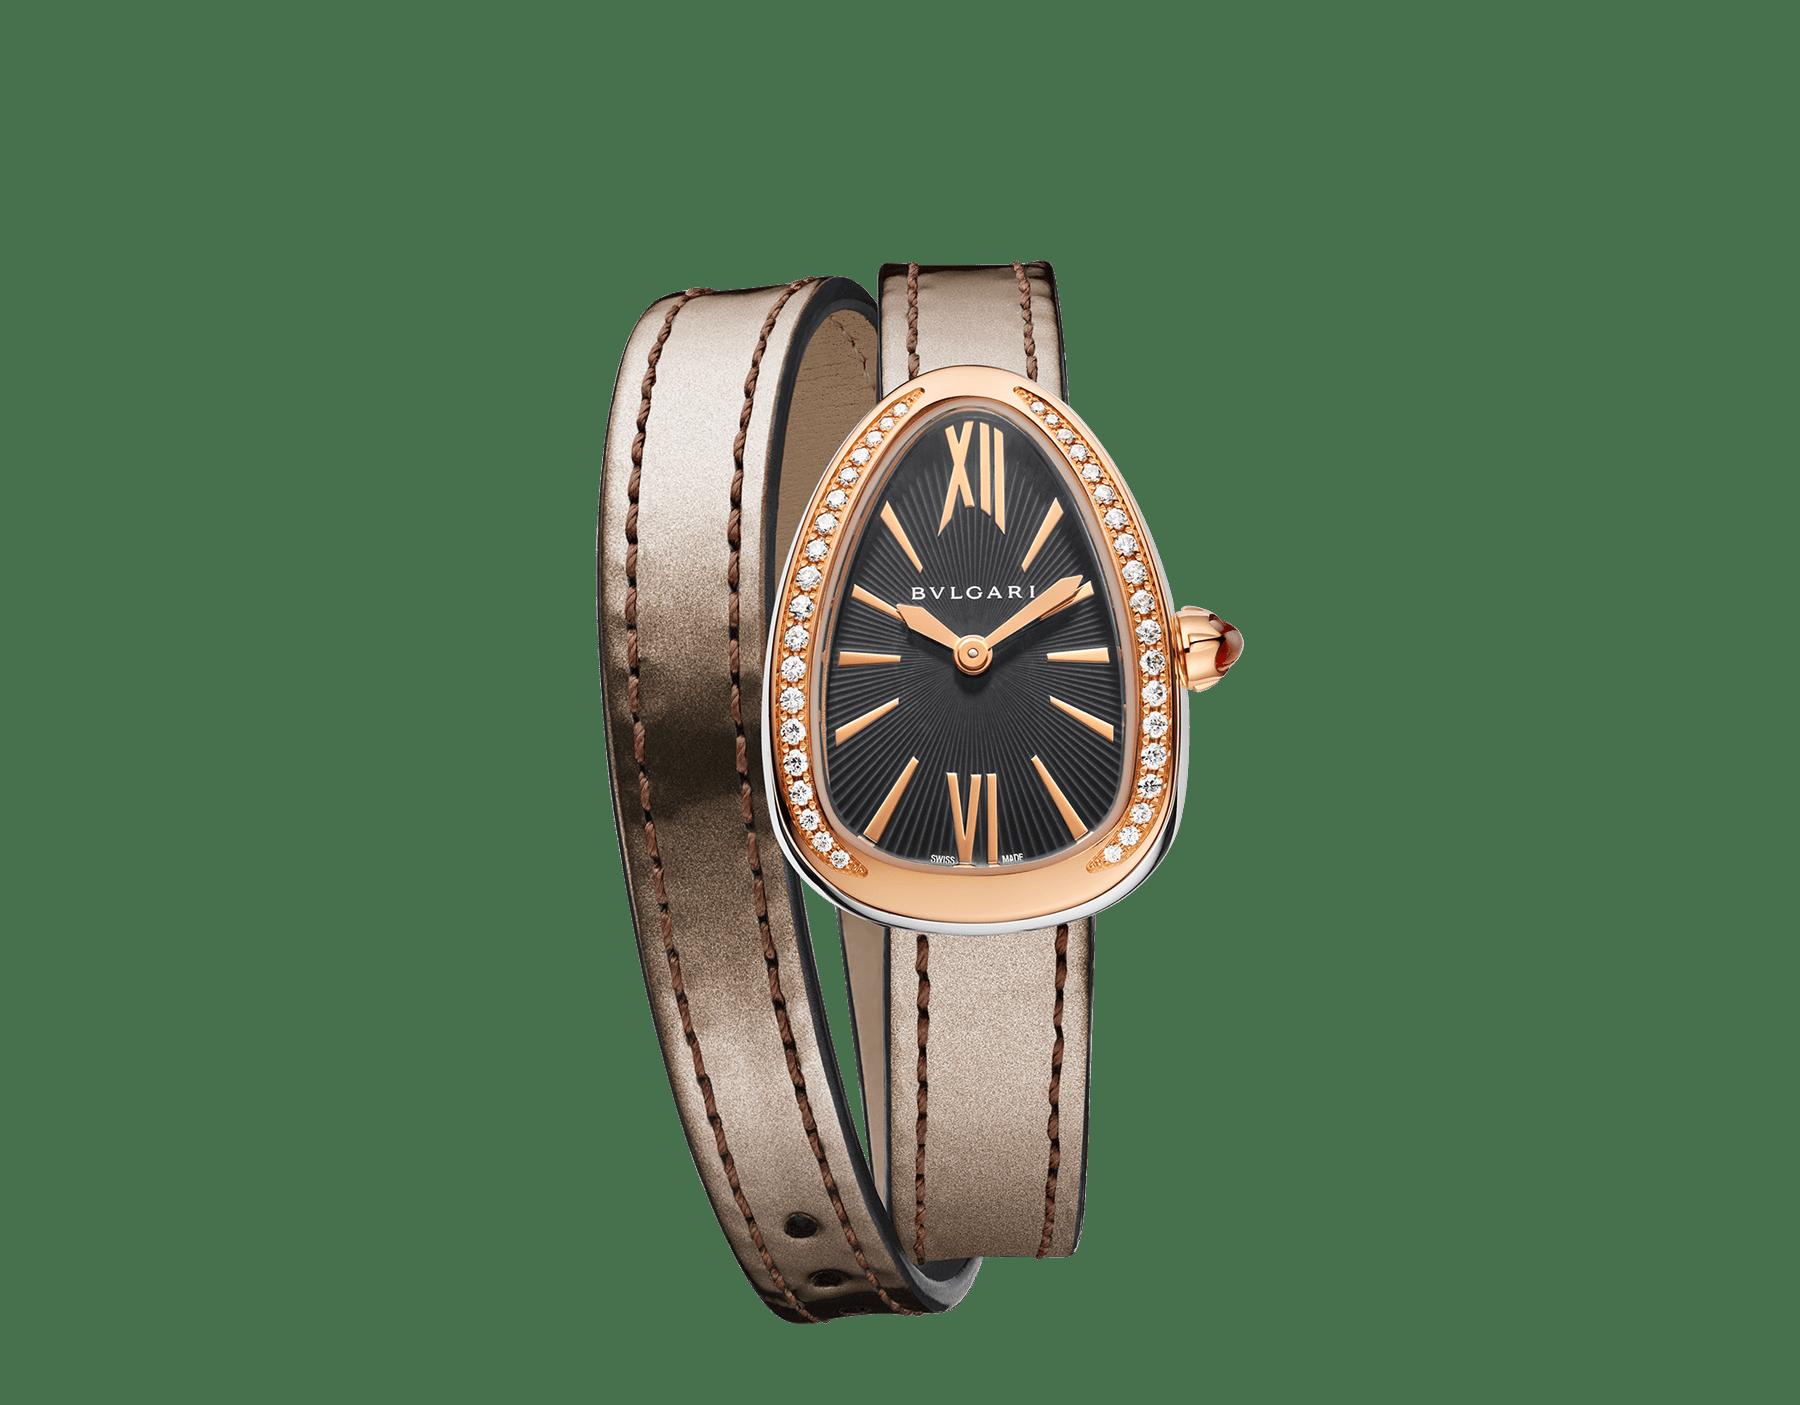 Relógio Serpenti com caixa em aço inoxidável, bezel em ouro rosa 18 K cravejado com diamantes, mostrador laqueado cinza e pulseira de duas voltas intercambiável em couro de novilho bronze antigo metálico escovado. 102968 image 1